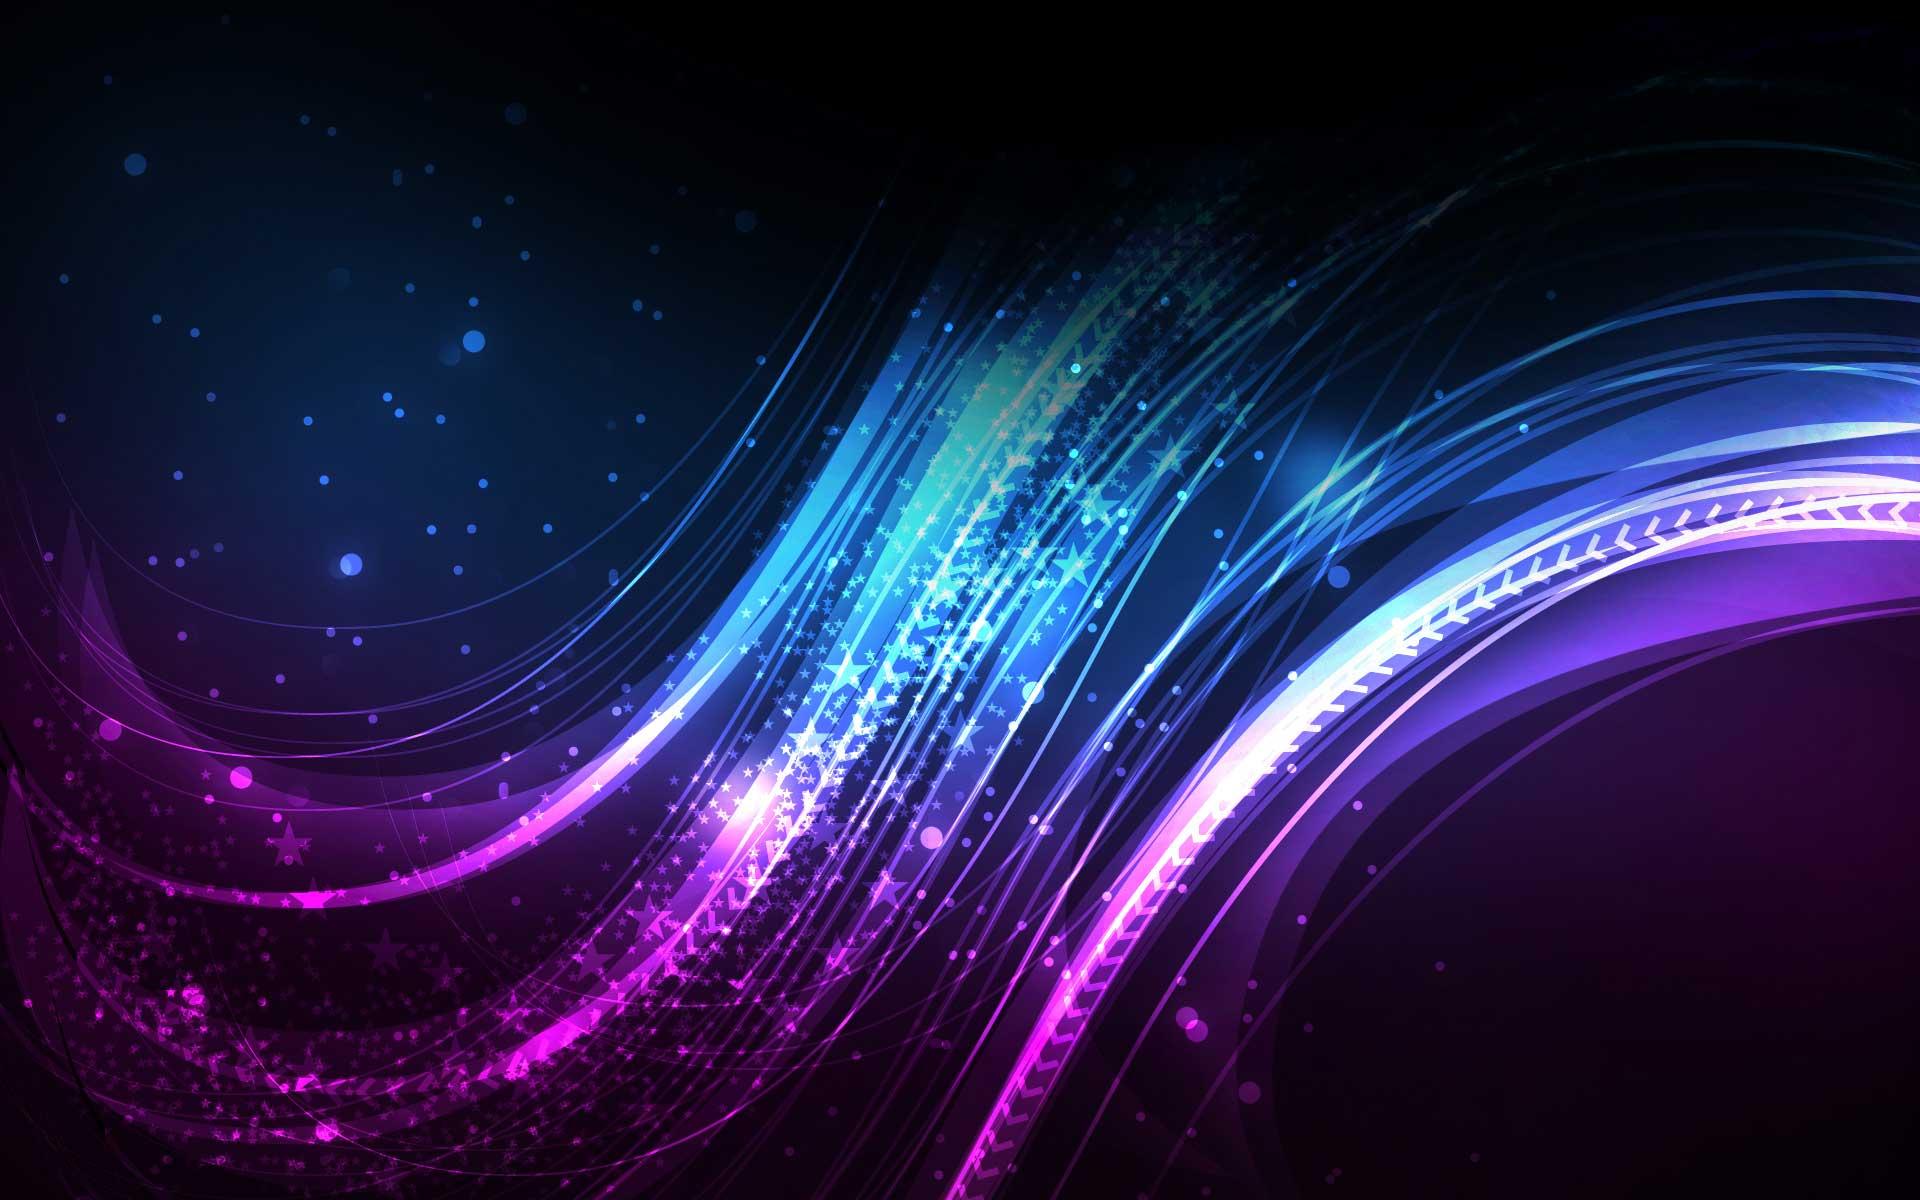 Art Neon Wallpaper Background 197 3810 Wallpaper High Resolution 1920x1200